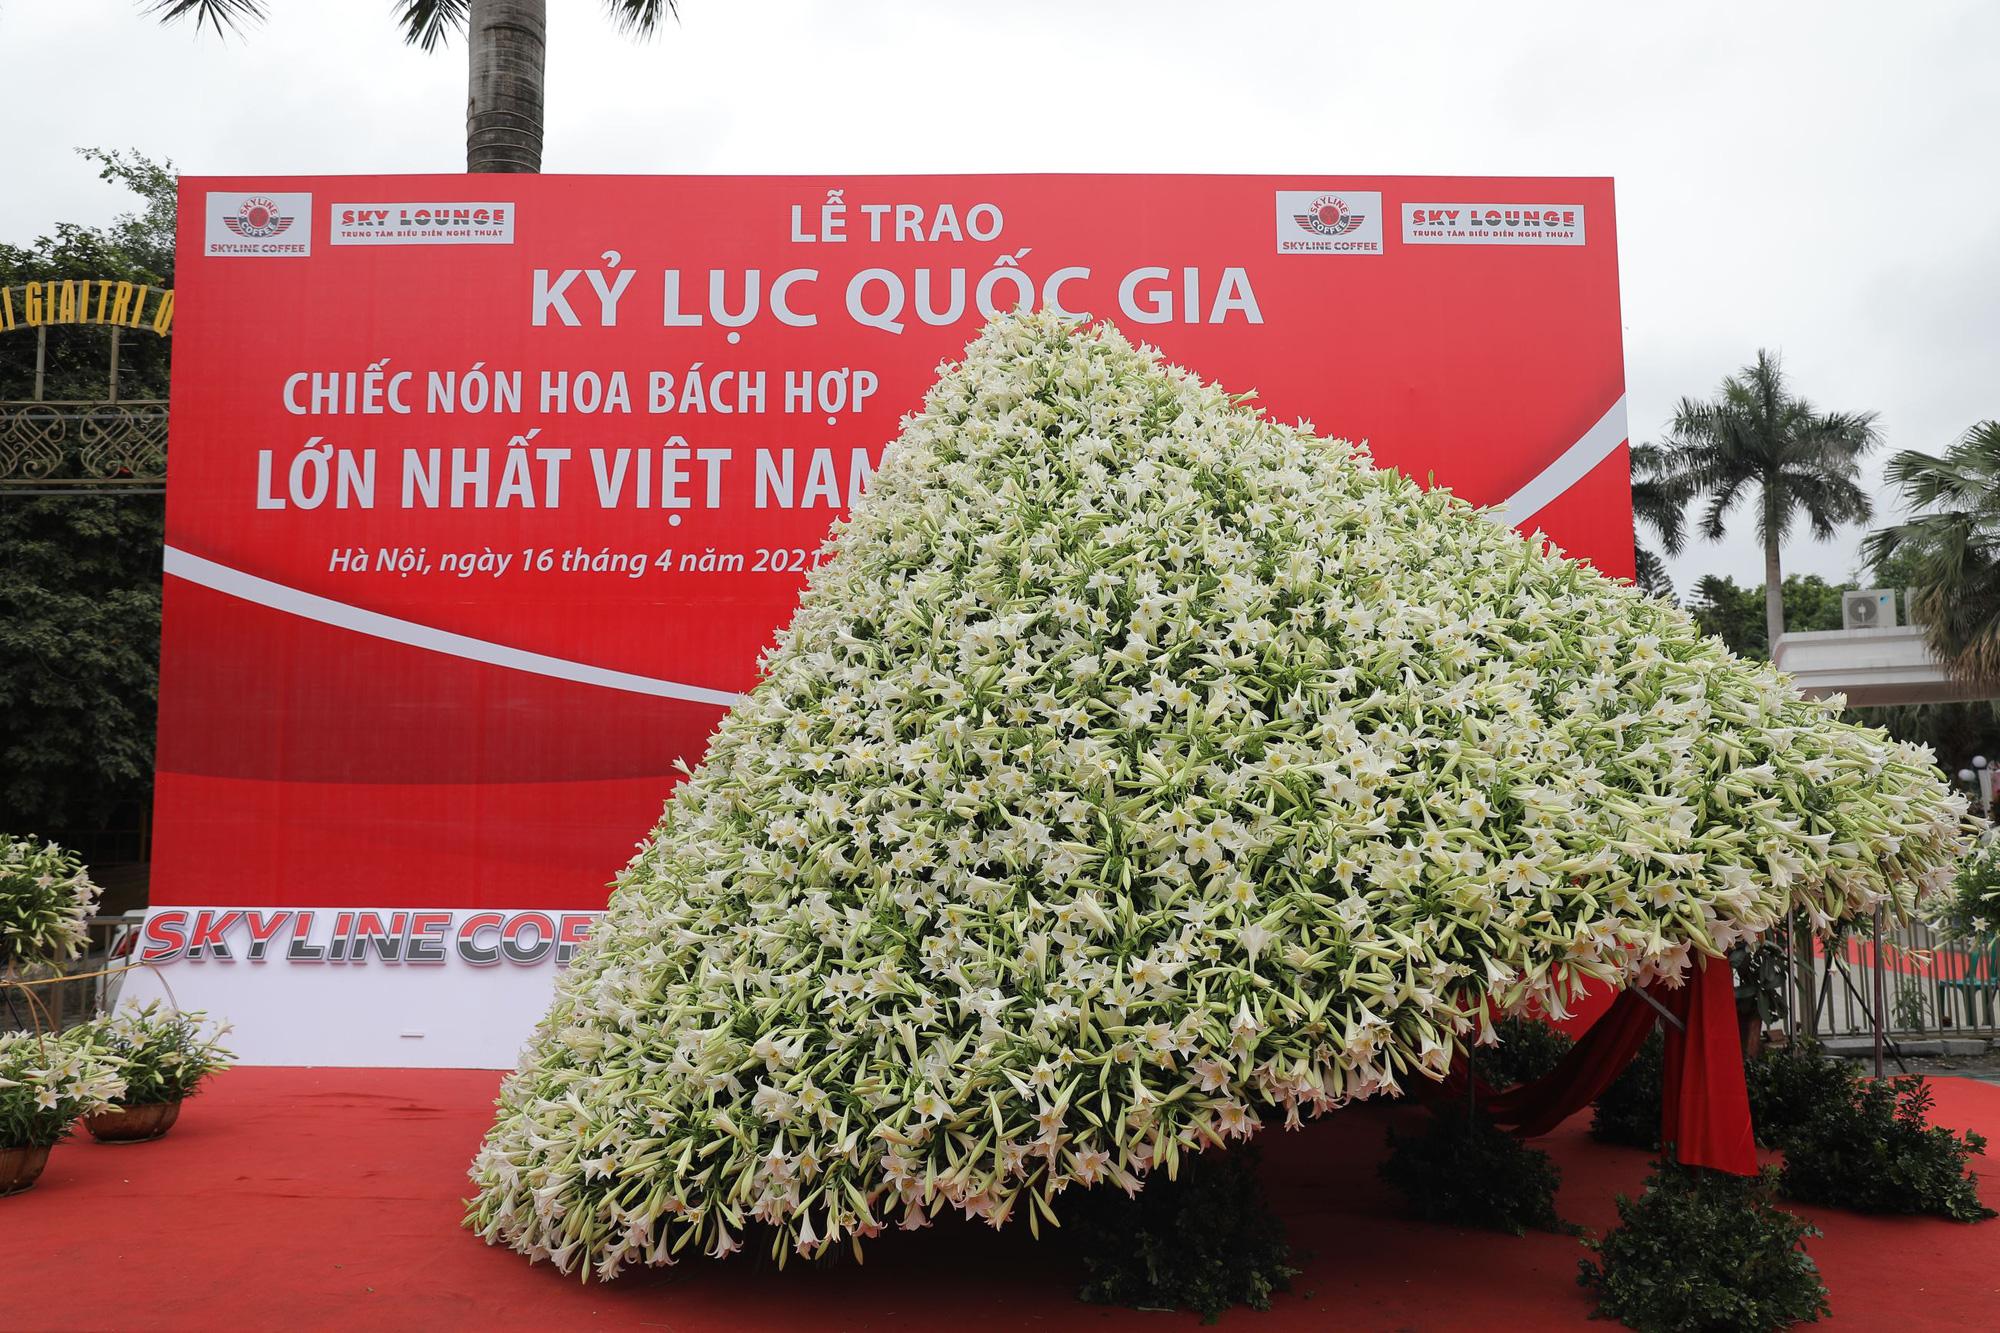 """Kỷ lục Việt bị giễu: Chưa bao giờ """"to nhất, dài nhất"""" rầm rộ như hiện nay - Ảnh 1."""